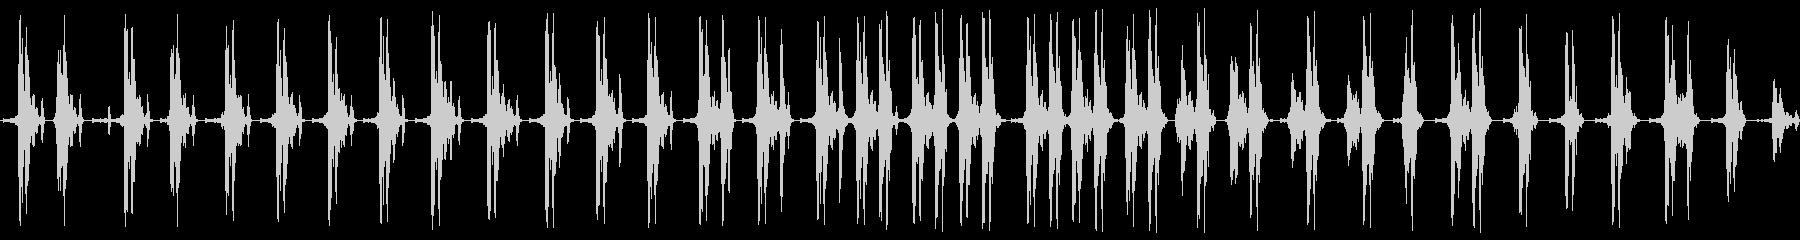 グググギリギリ。締め上げる音の未再生の波形